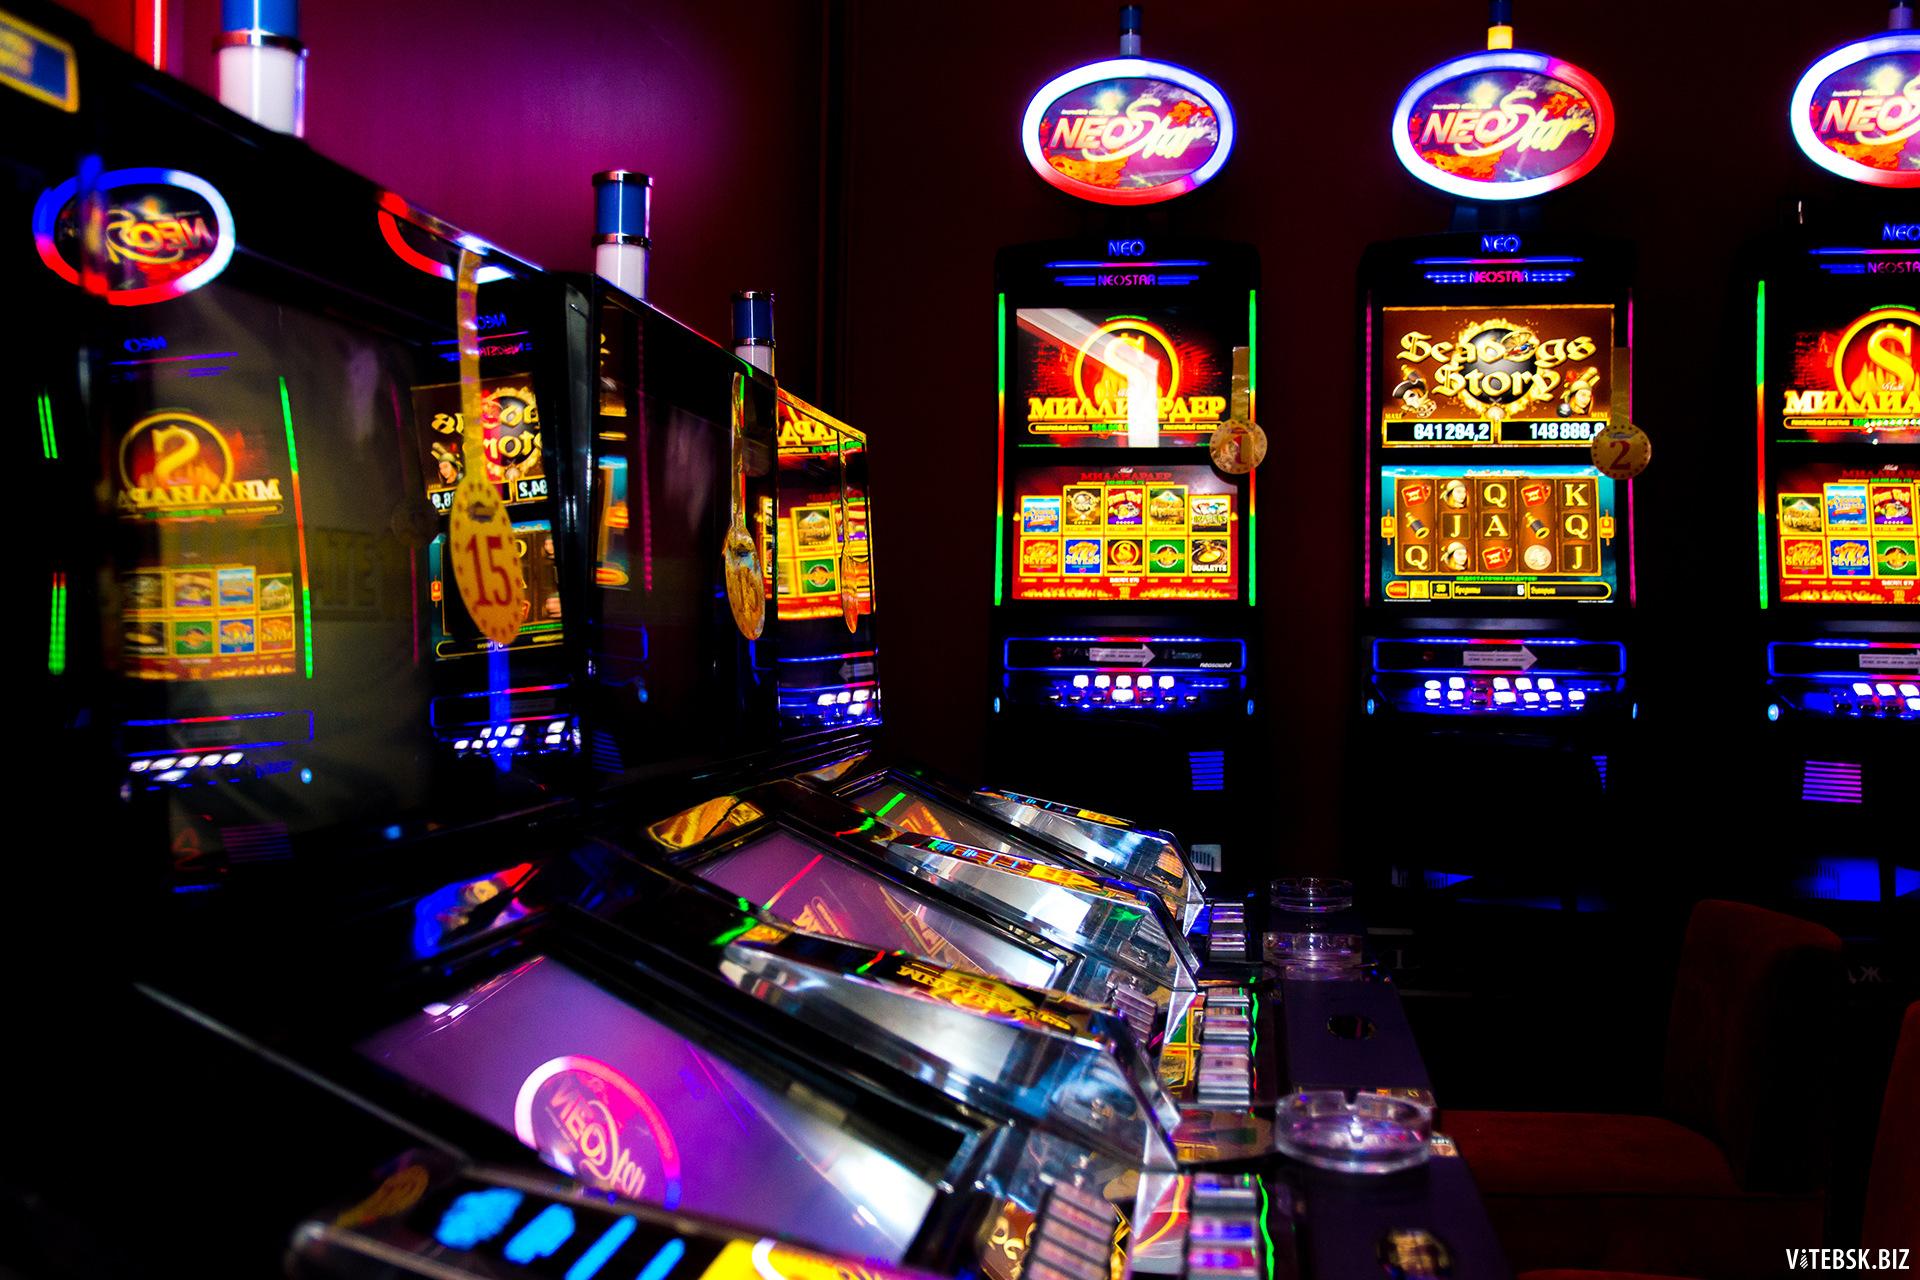 вулкан сеть клубов игровых автоматов